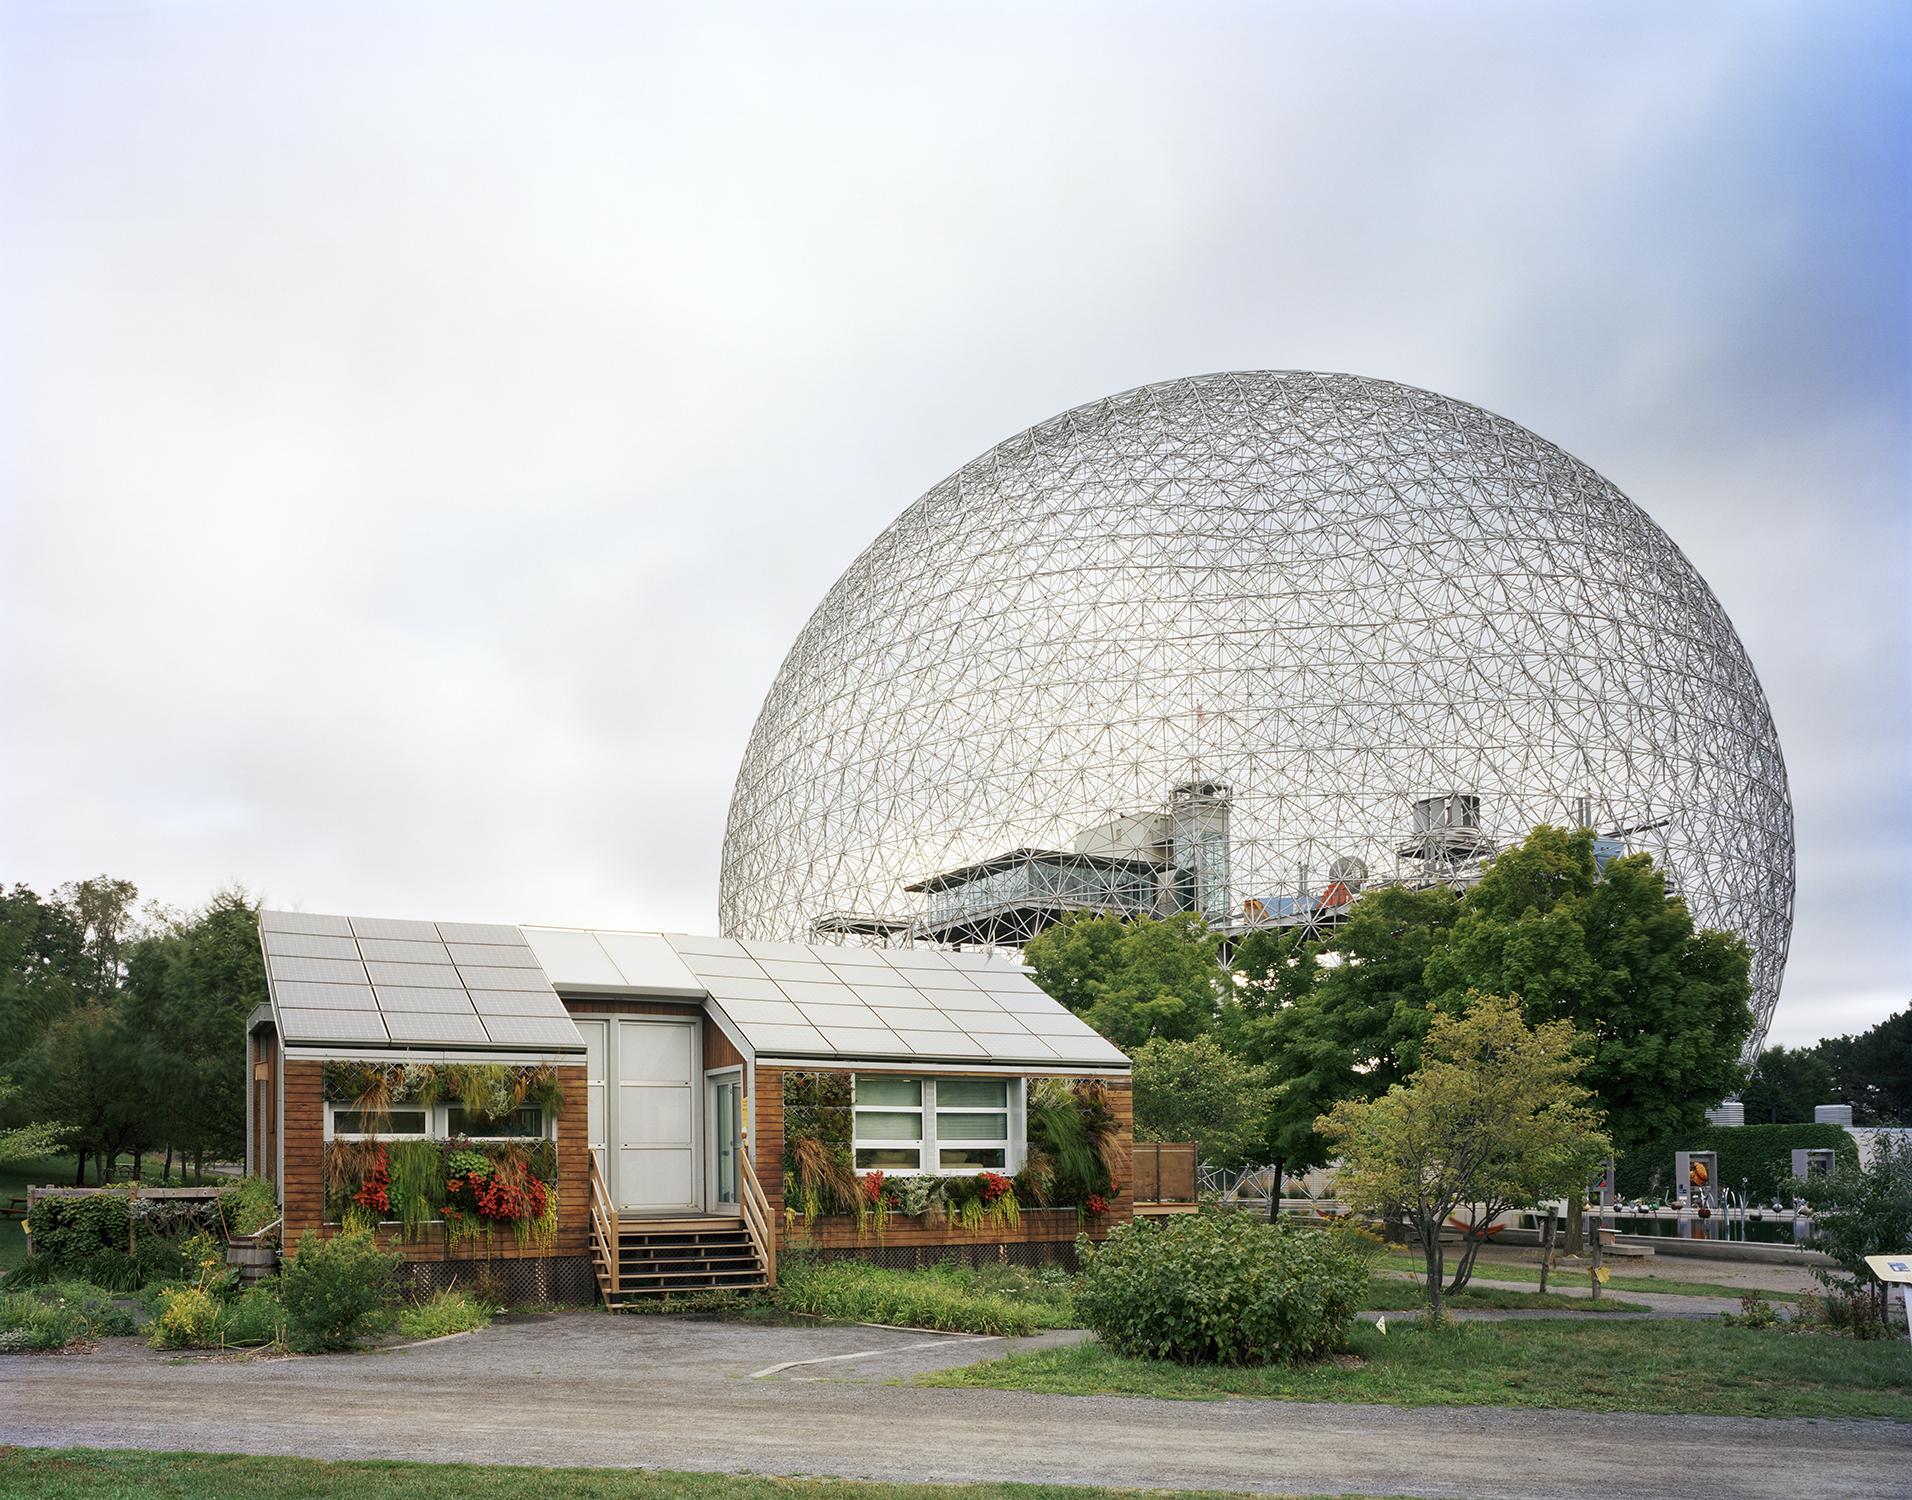 Lost-Utopias-Jade-Doskow-Front-Room-Gallery-Montreal-Buckminster.jpg